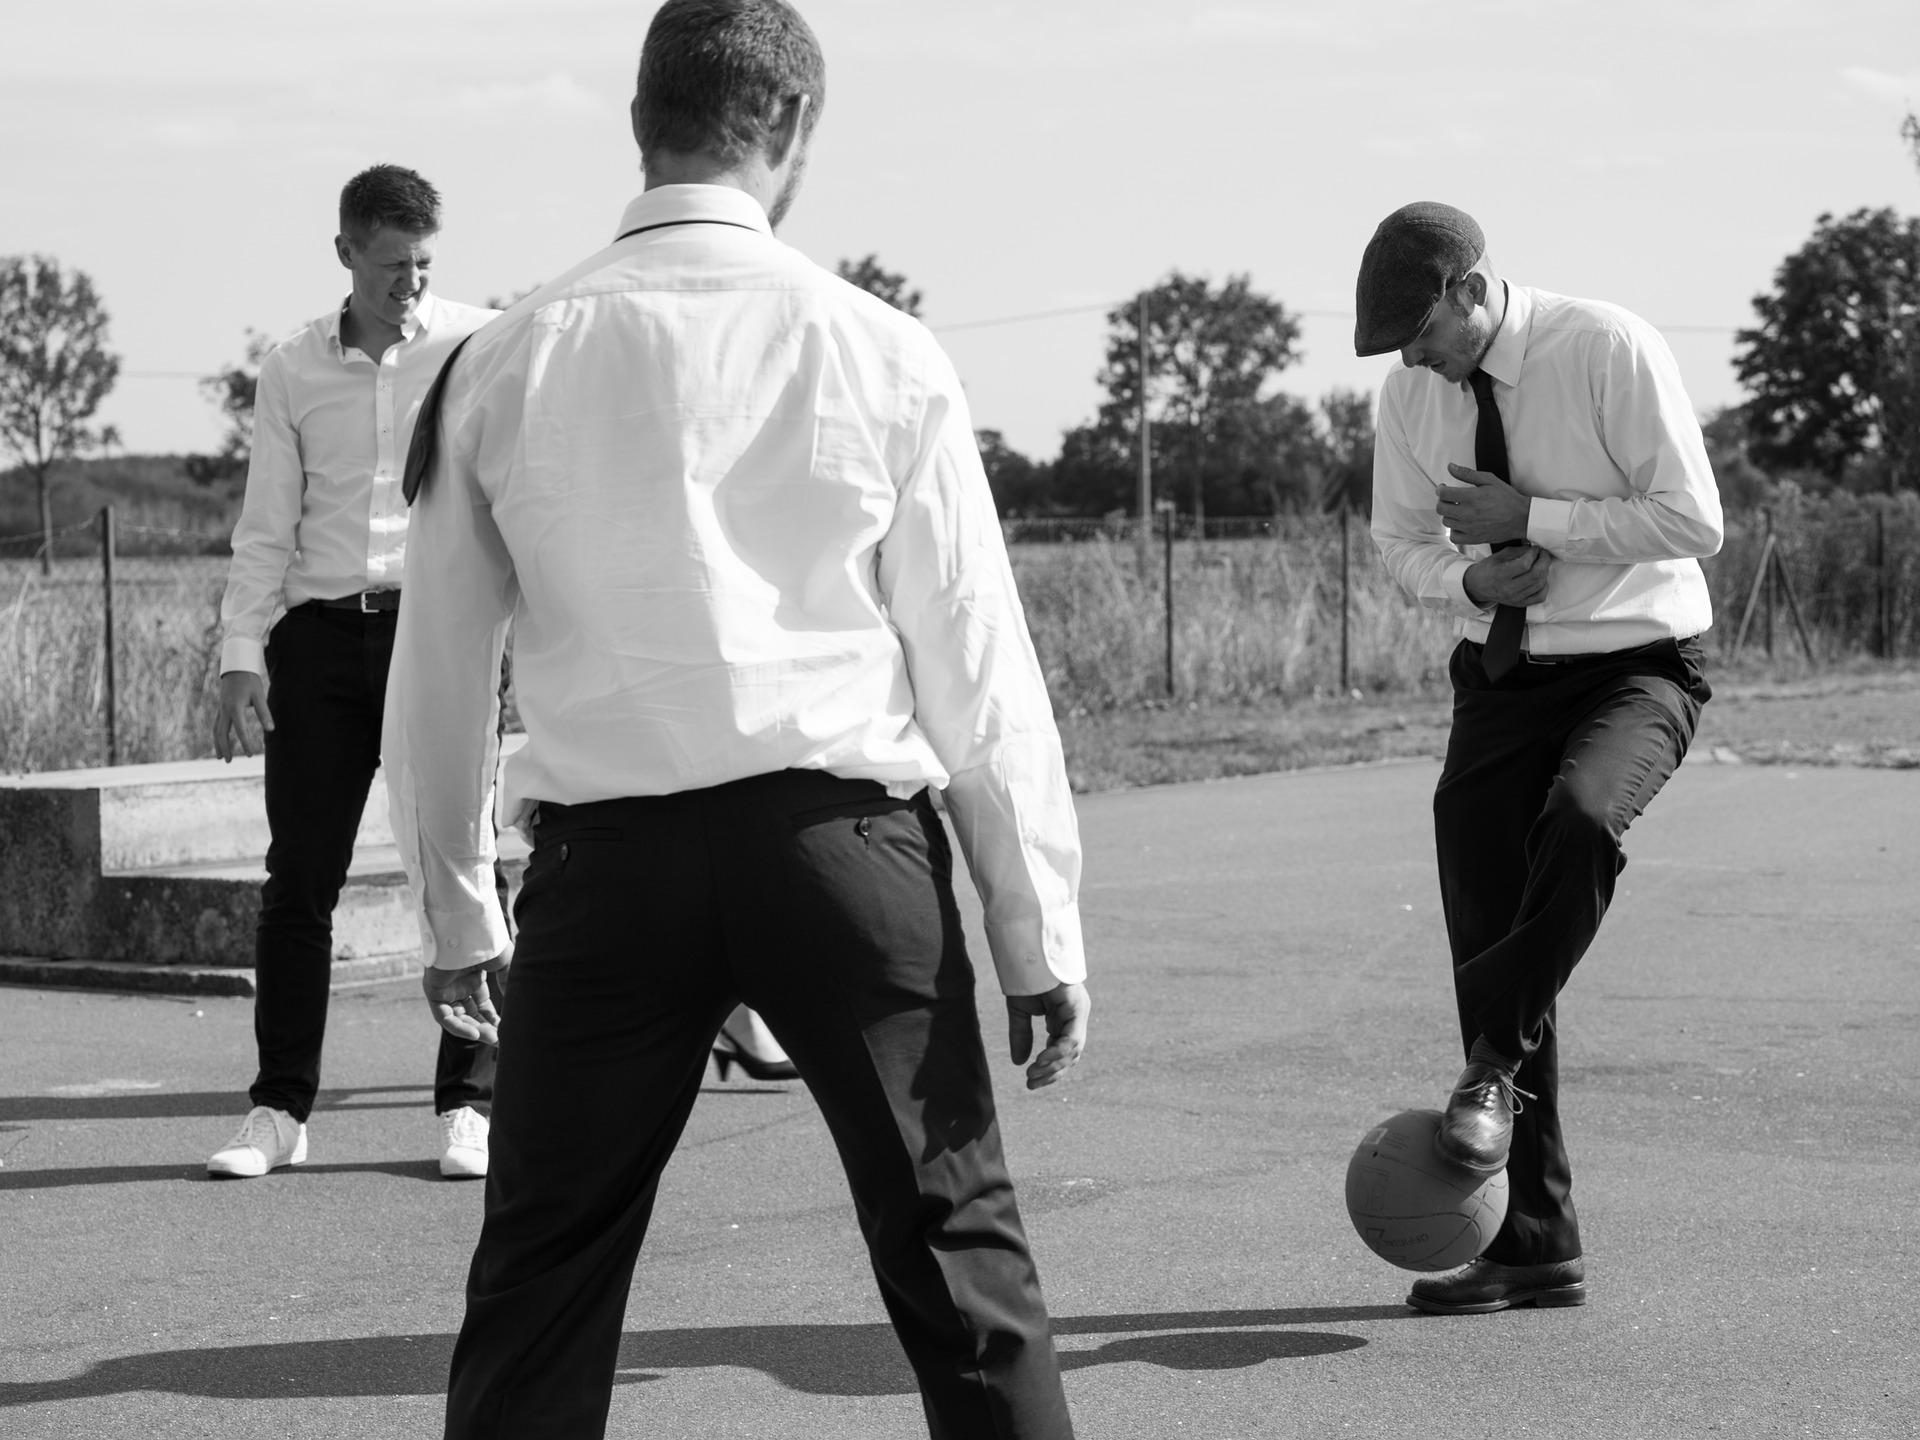 Black and white photo of three men in white shirts and ties kicking ball aroung